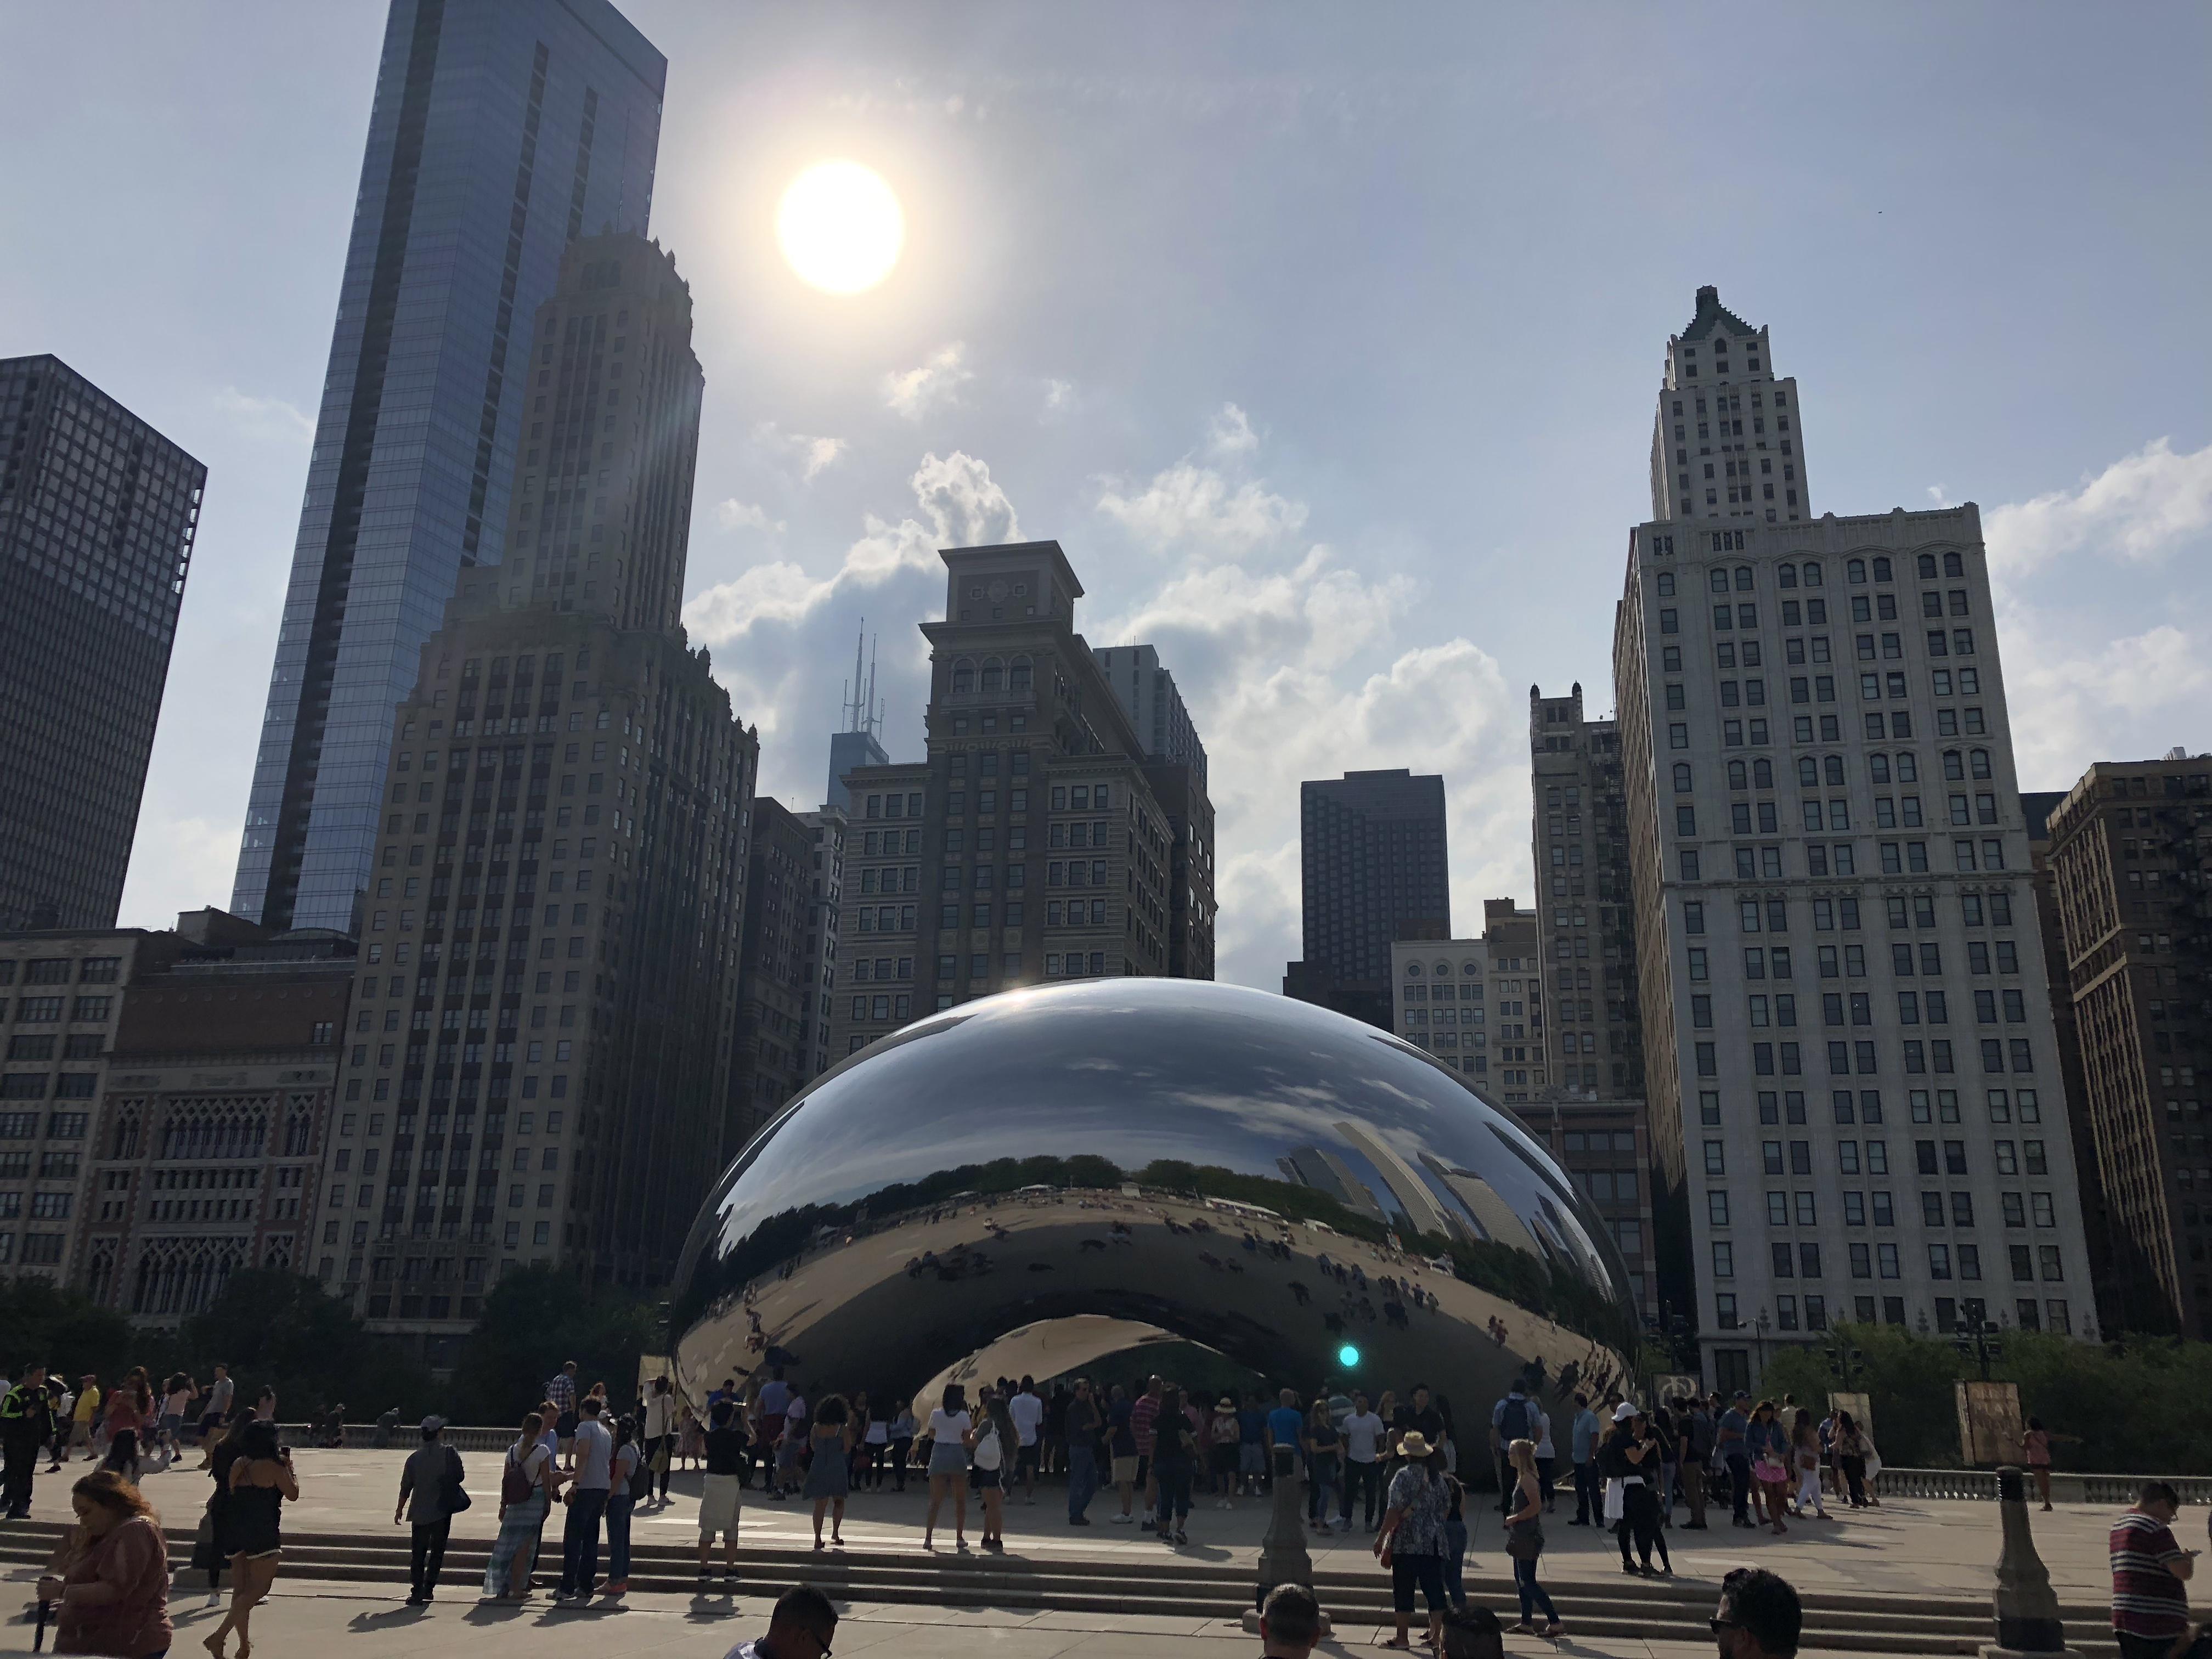 5 Tage, 4 Staaten, 3 Städte – Roadtrip nach Chicago